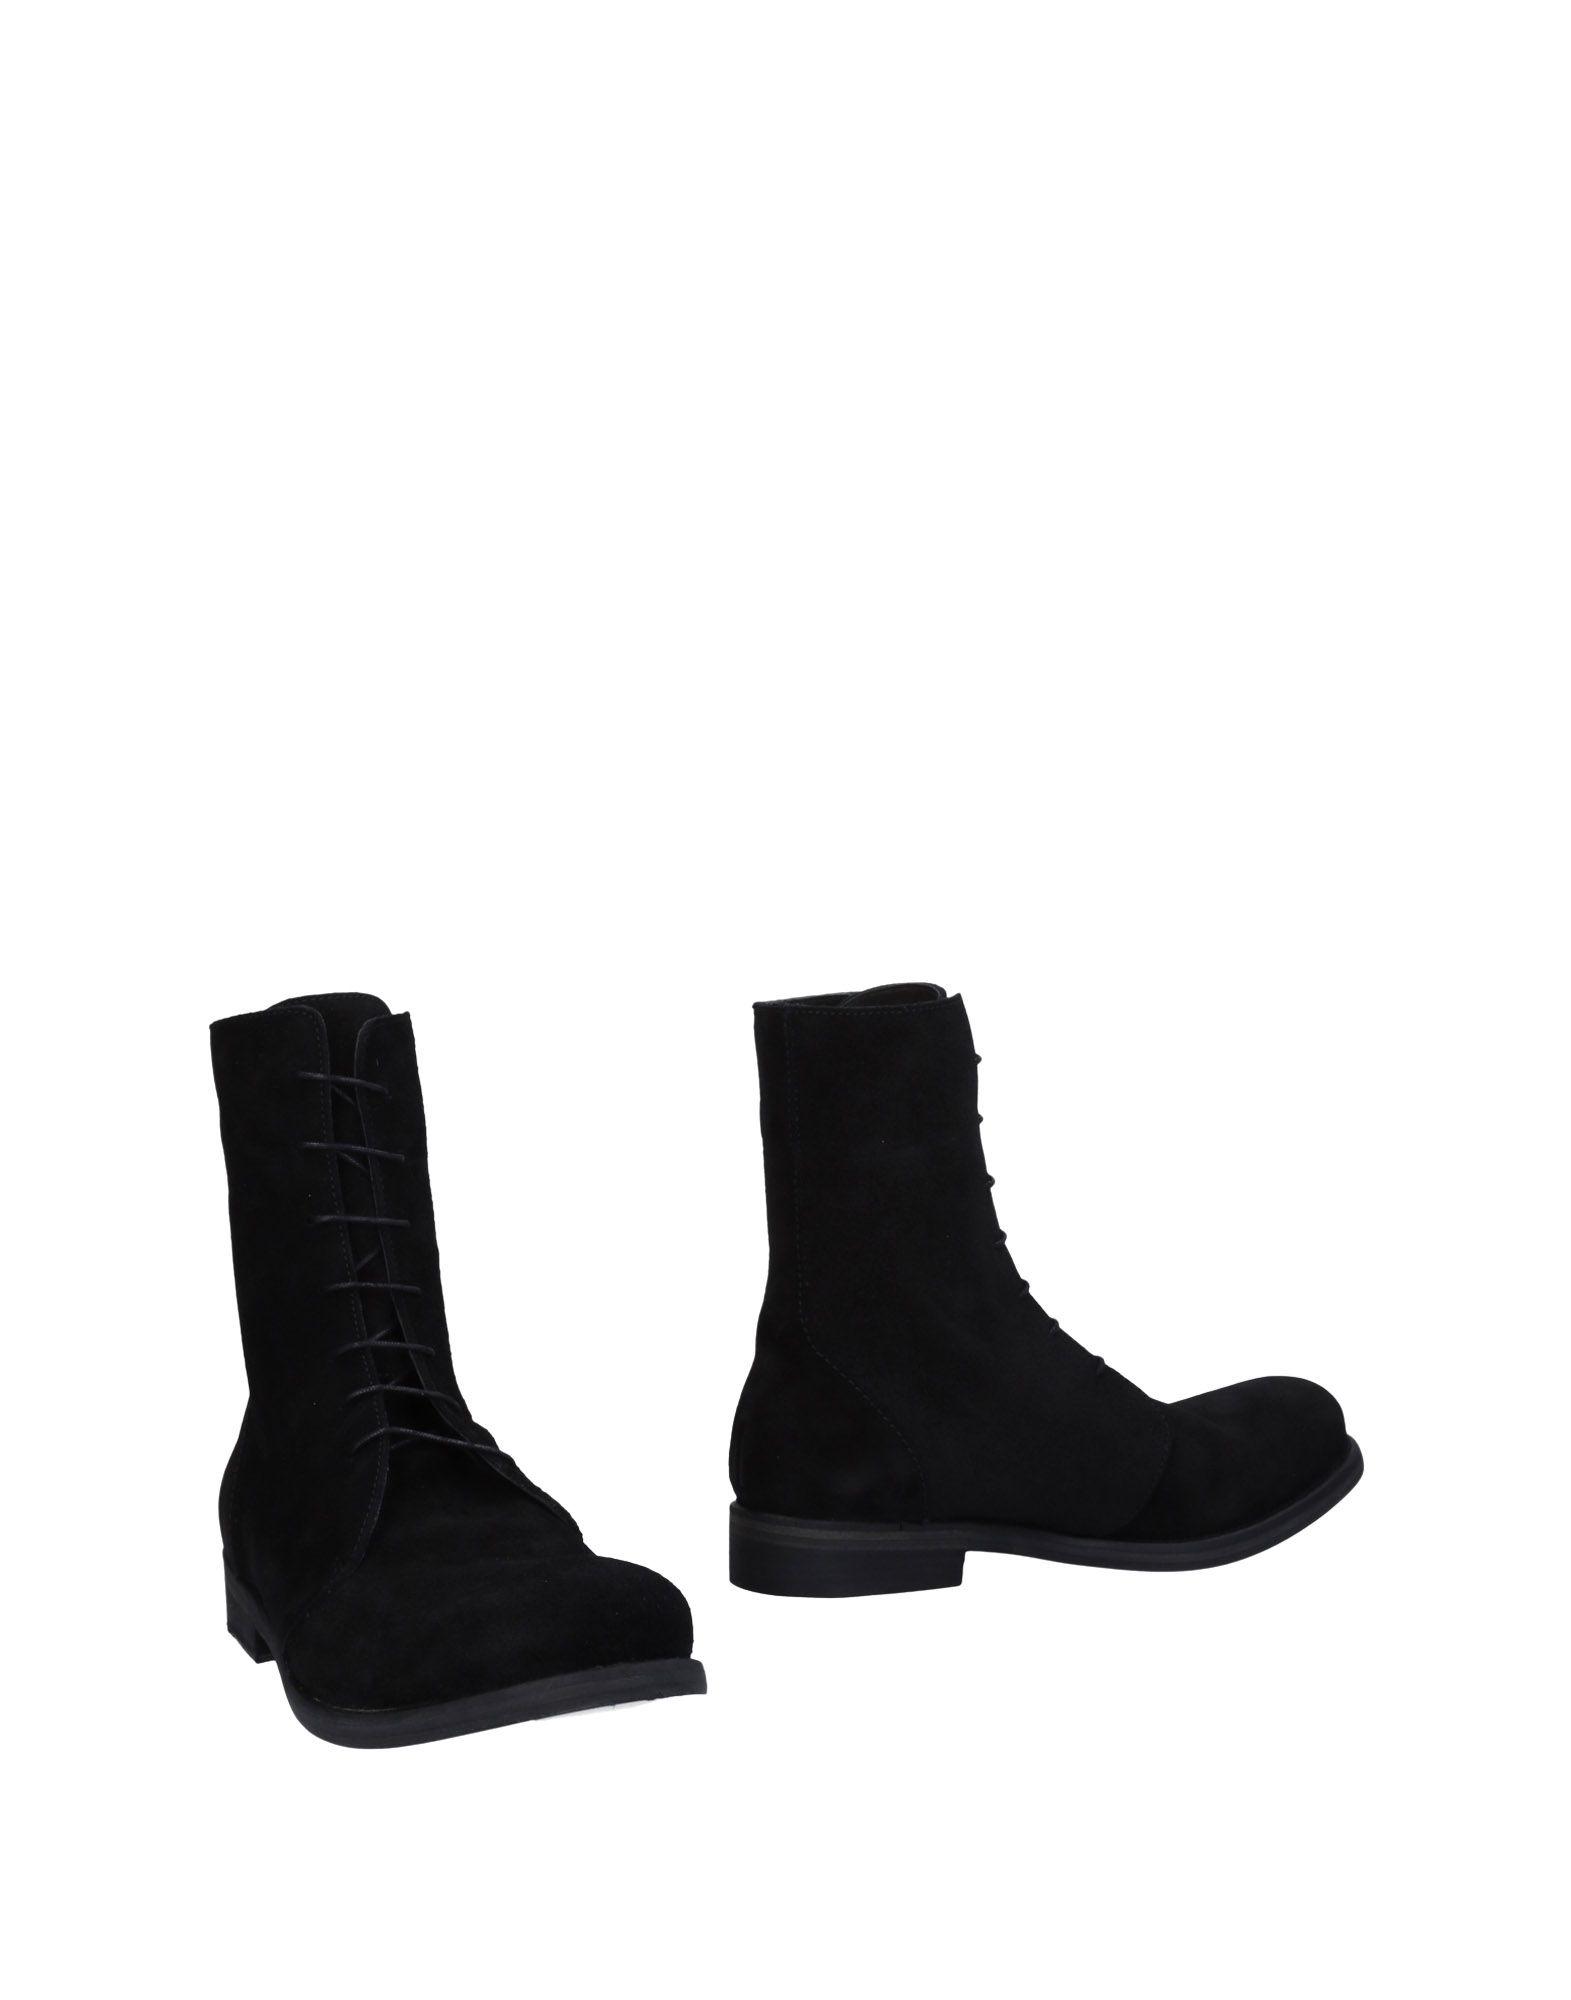 Nostrasantissima Stiefelette Herren  11458912GM Gute Qualität beliebte Schuhe